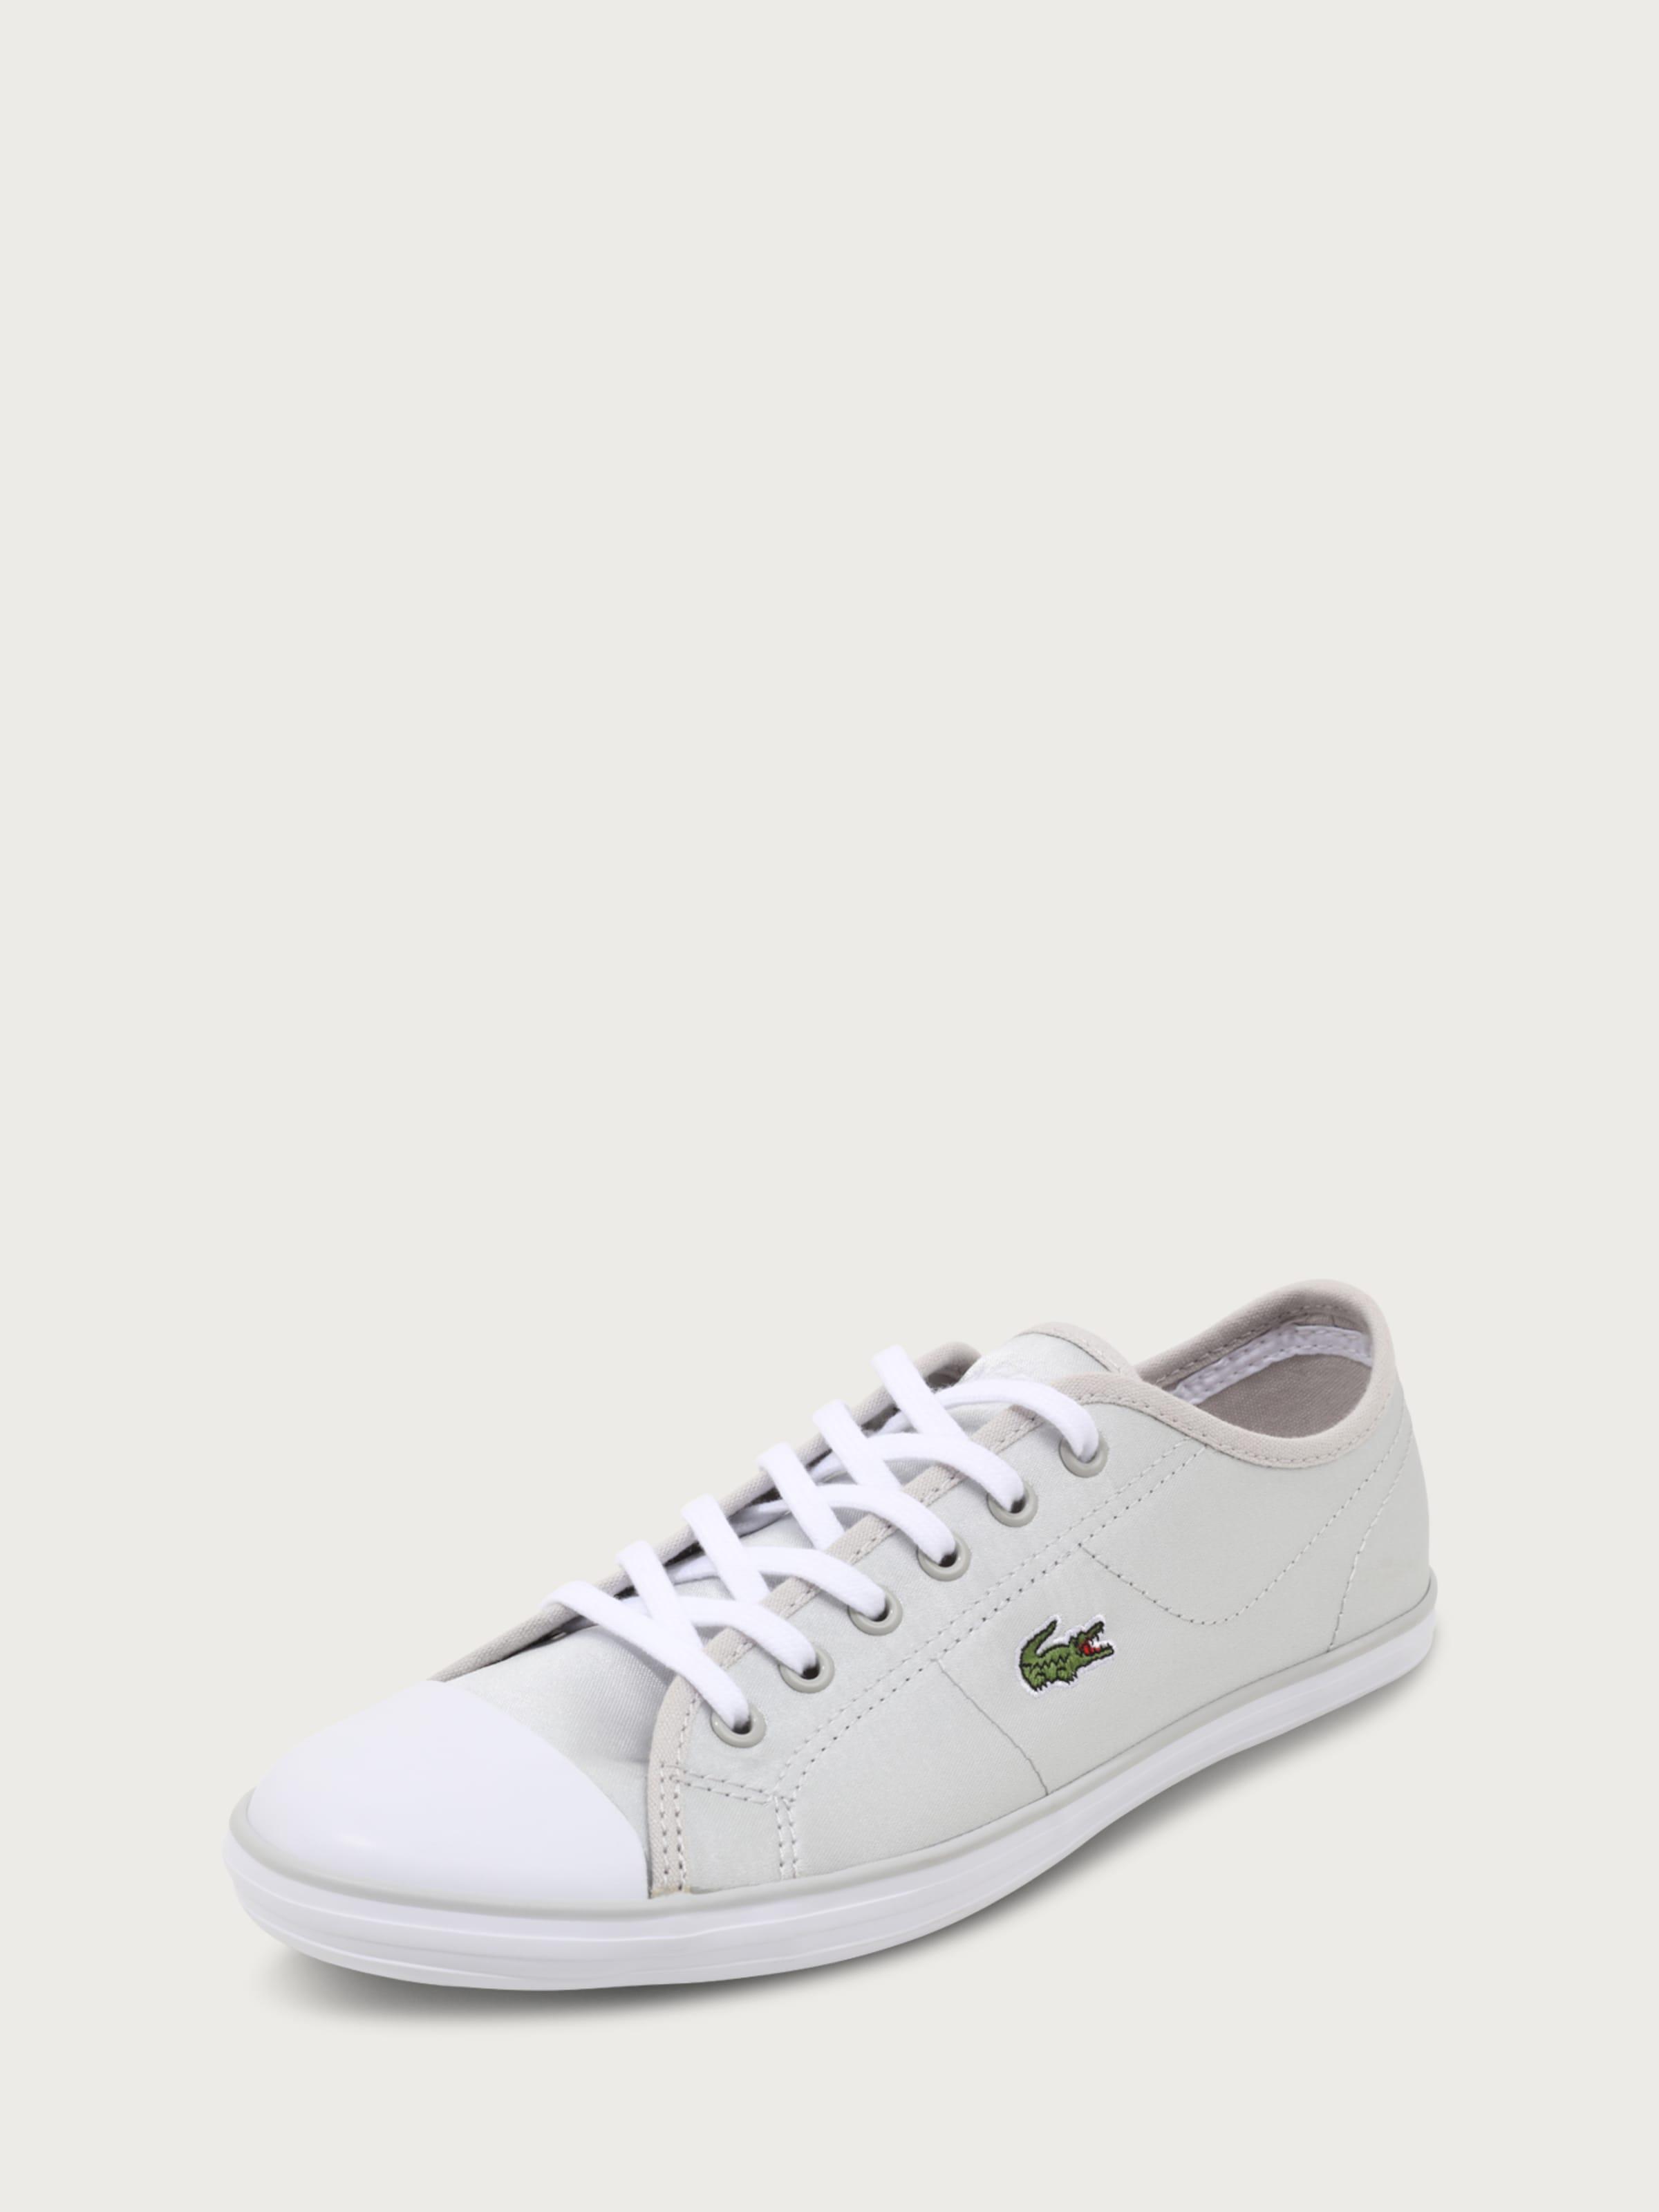 LACOSTE Sneaker   ZIANE